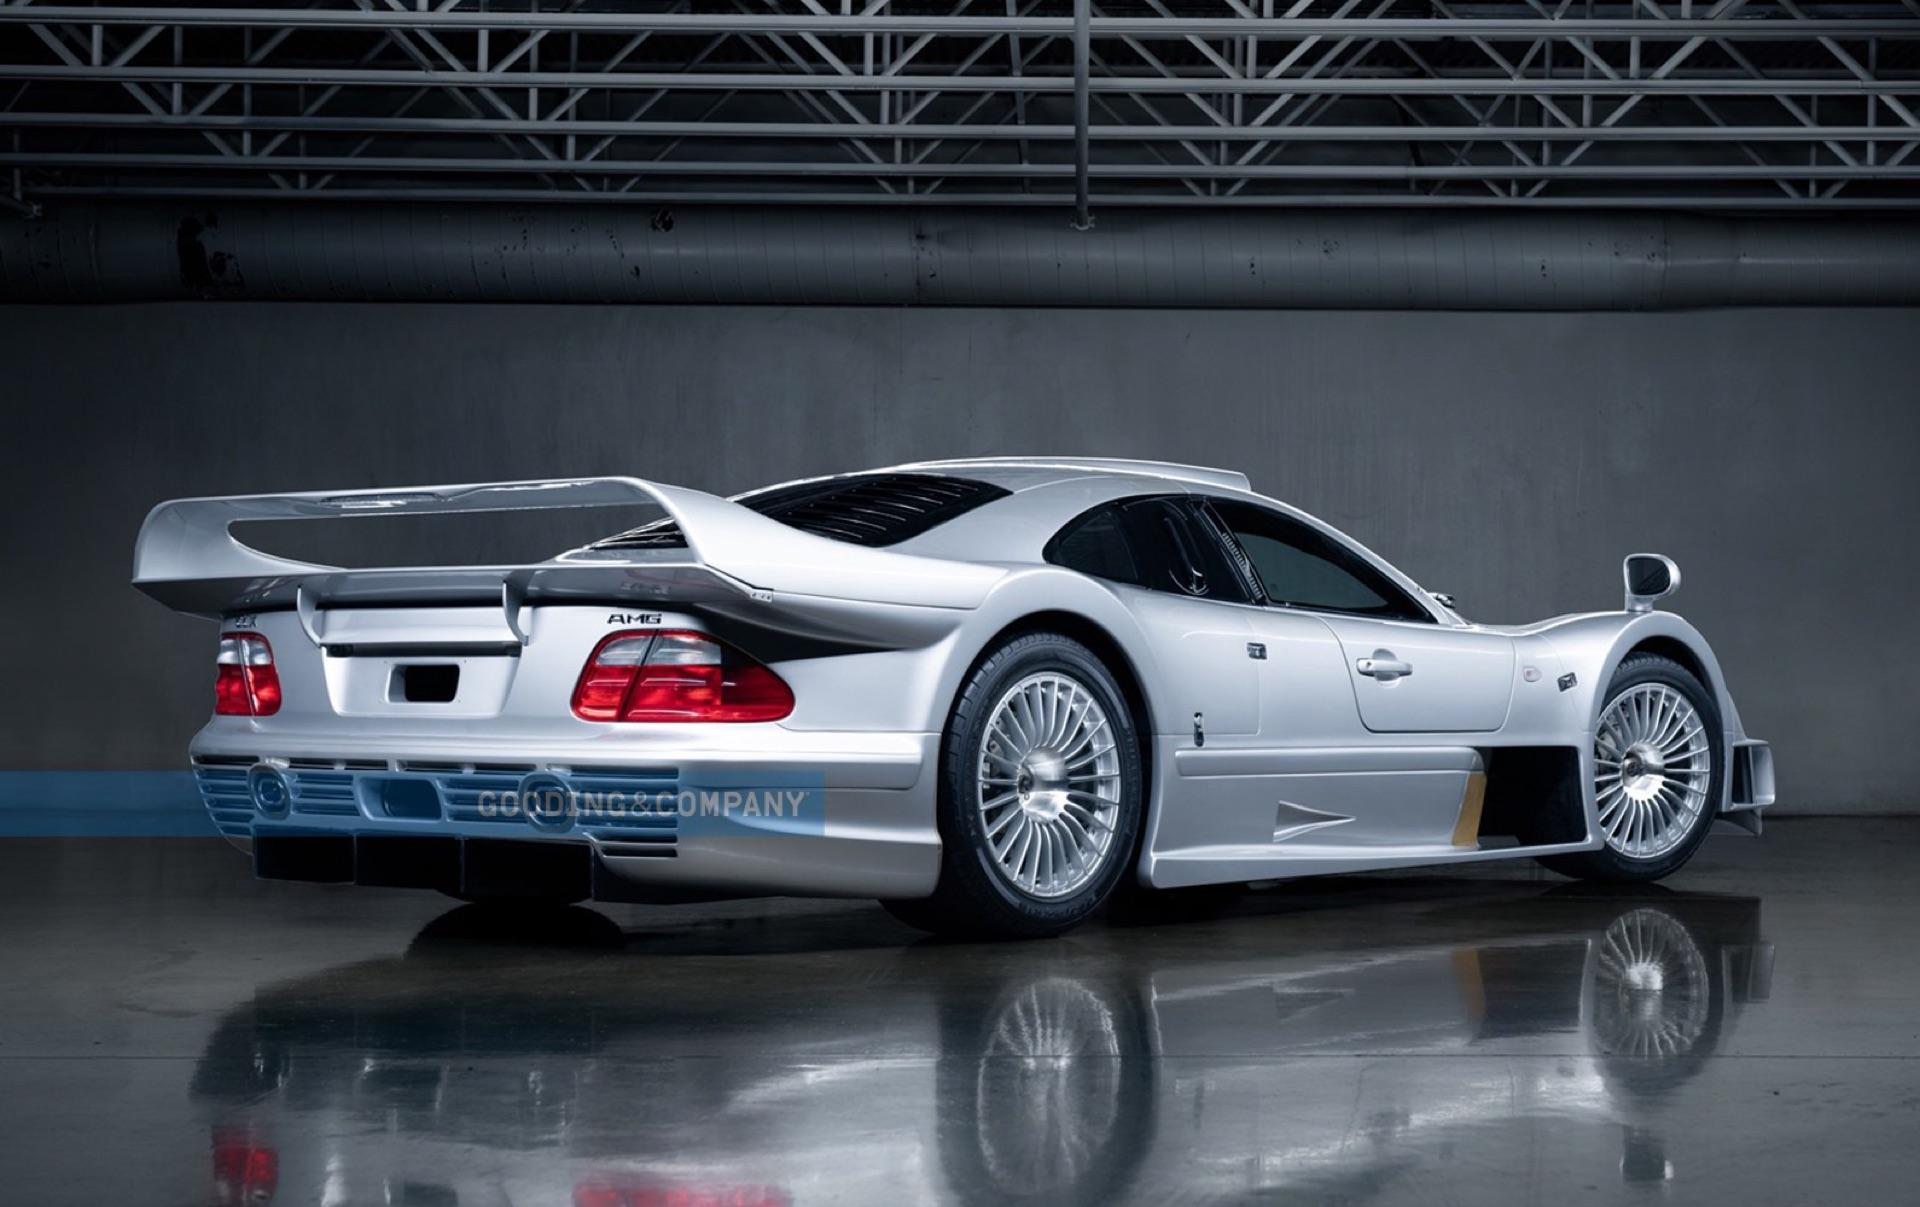 1998_Mercedes-Benz_CLK_GTR_sale-0002